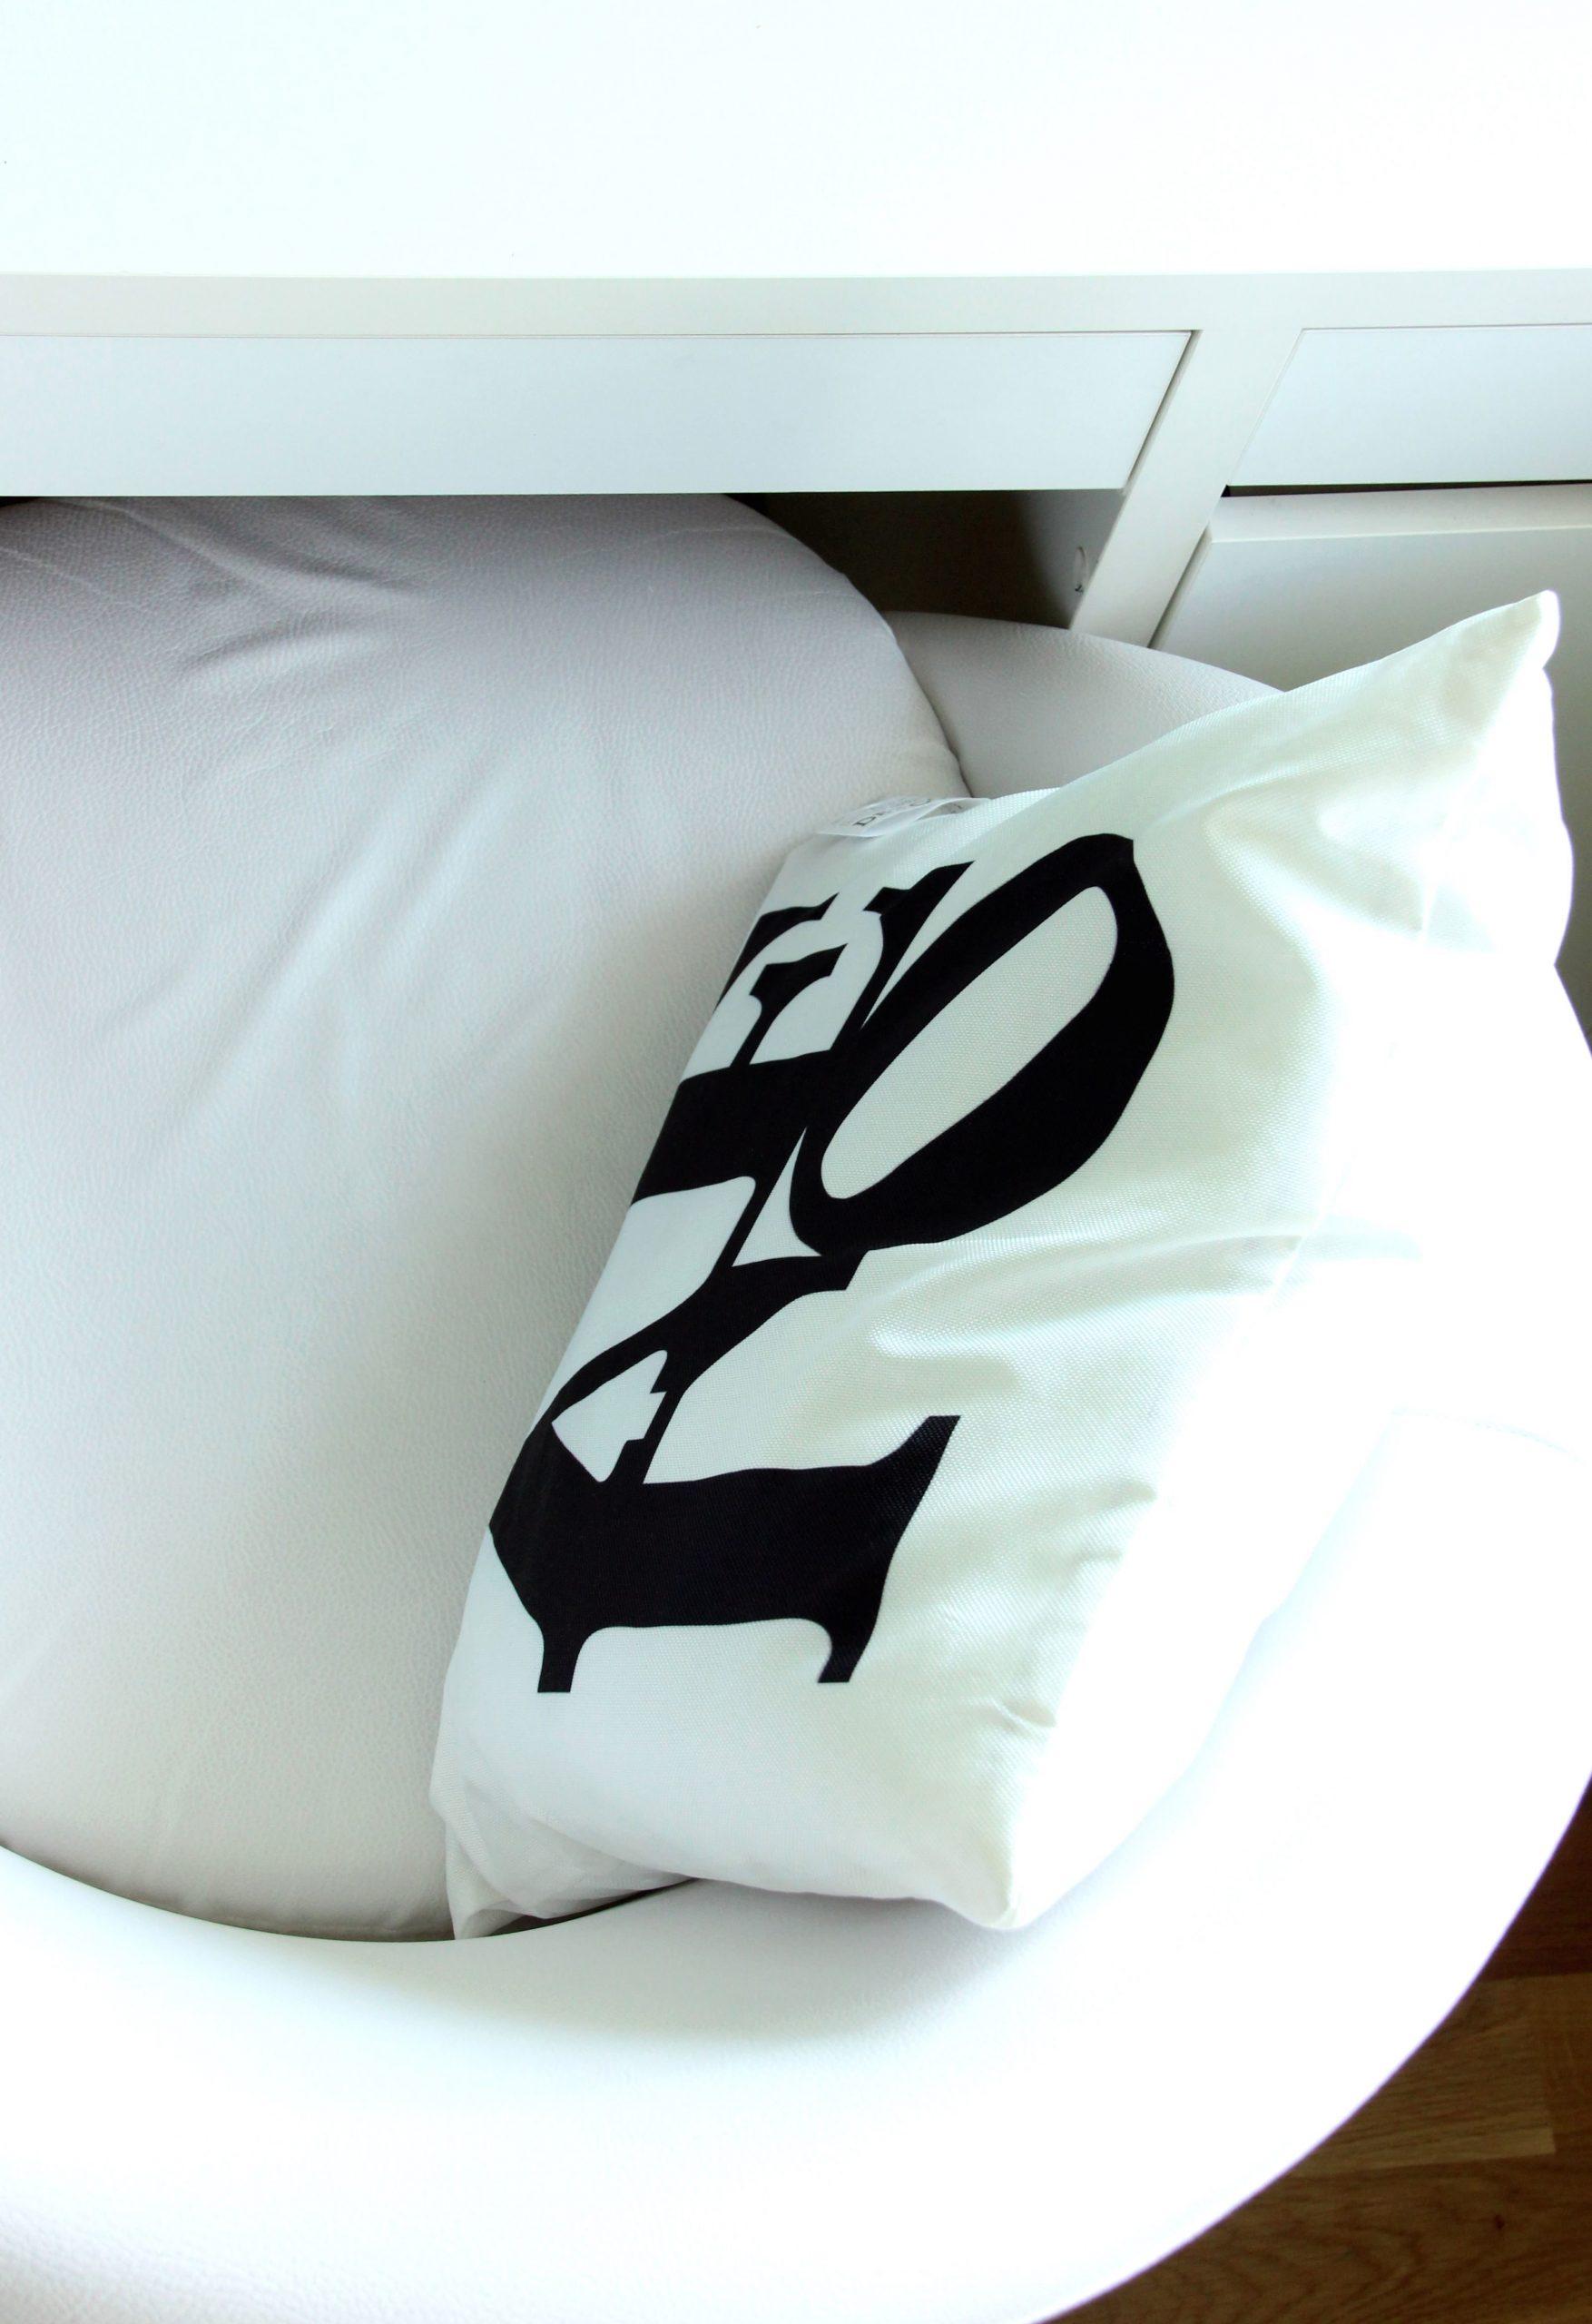 Full Size of Sessel Schlafzimmer Kostenlose Bild Luxus Landhausstil Weiß Wandtattoo Komplettes Komplett Günstig Set Mit Matratze Und Lattenrost Deckenleuchten Schlafzimmer Sessel Schlafzimmer